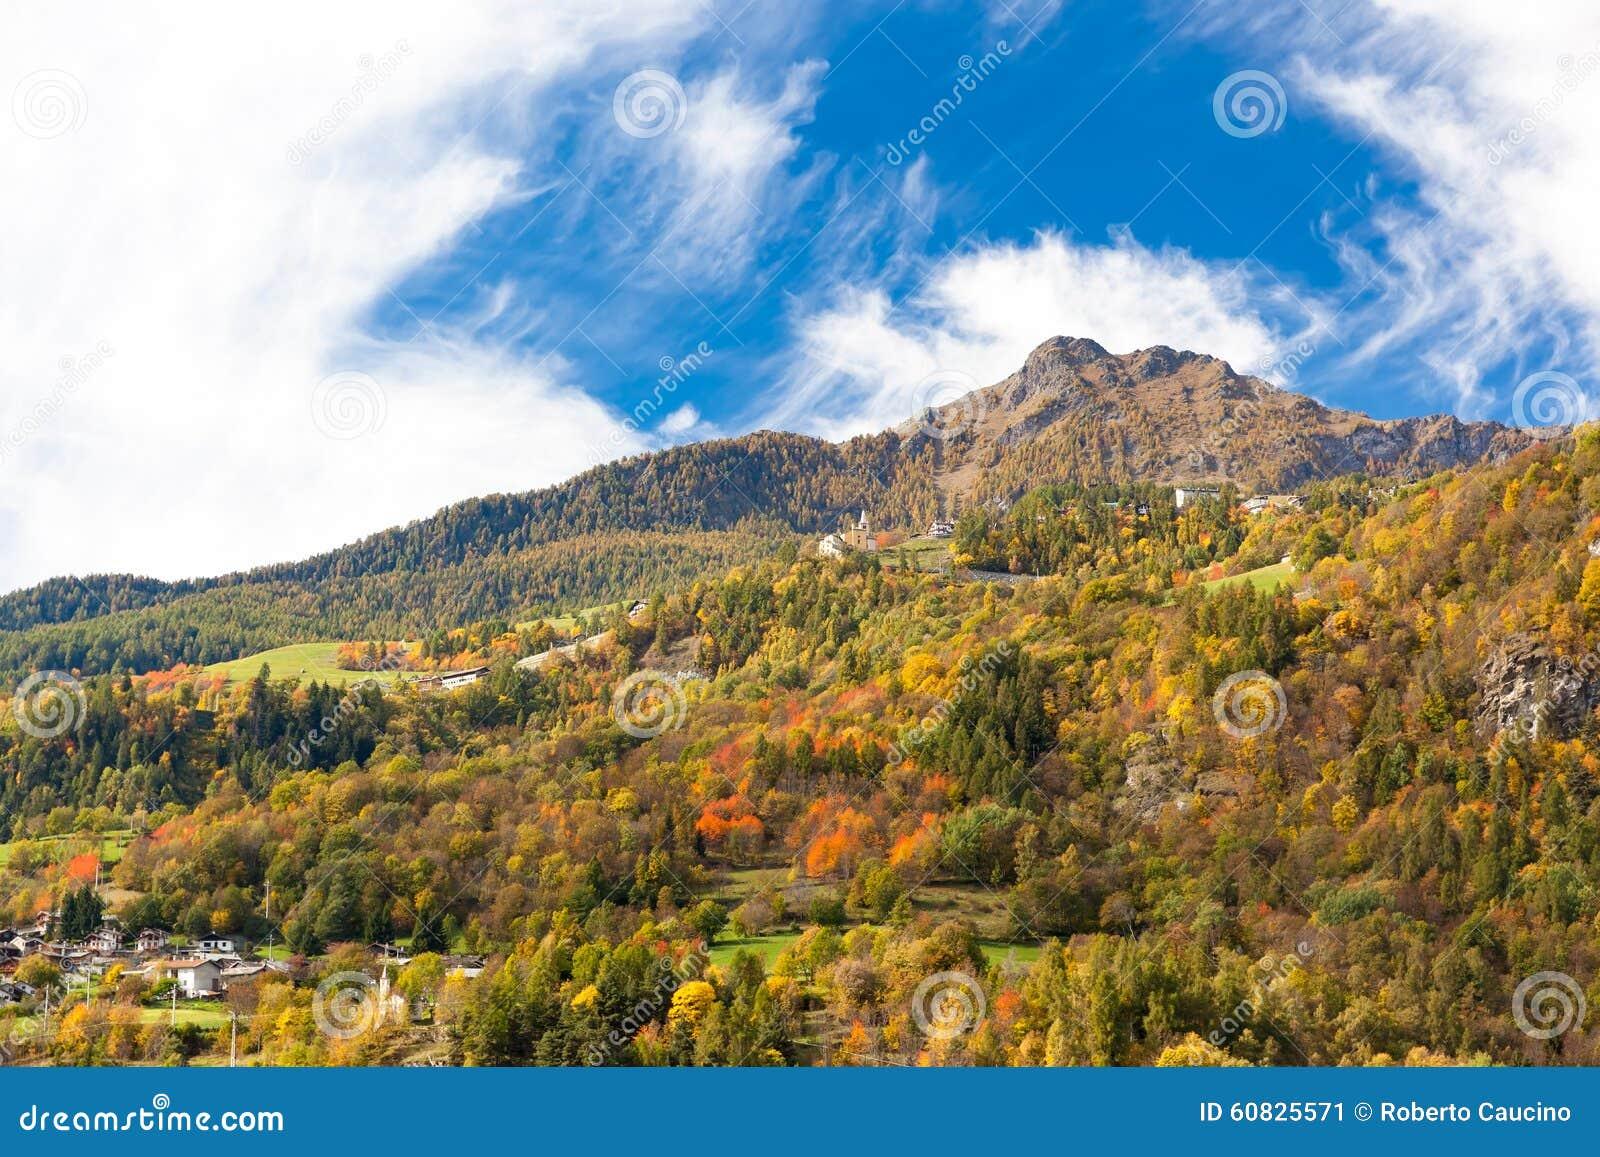 Las montañas: paisaje en temporada de otoño